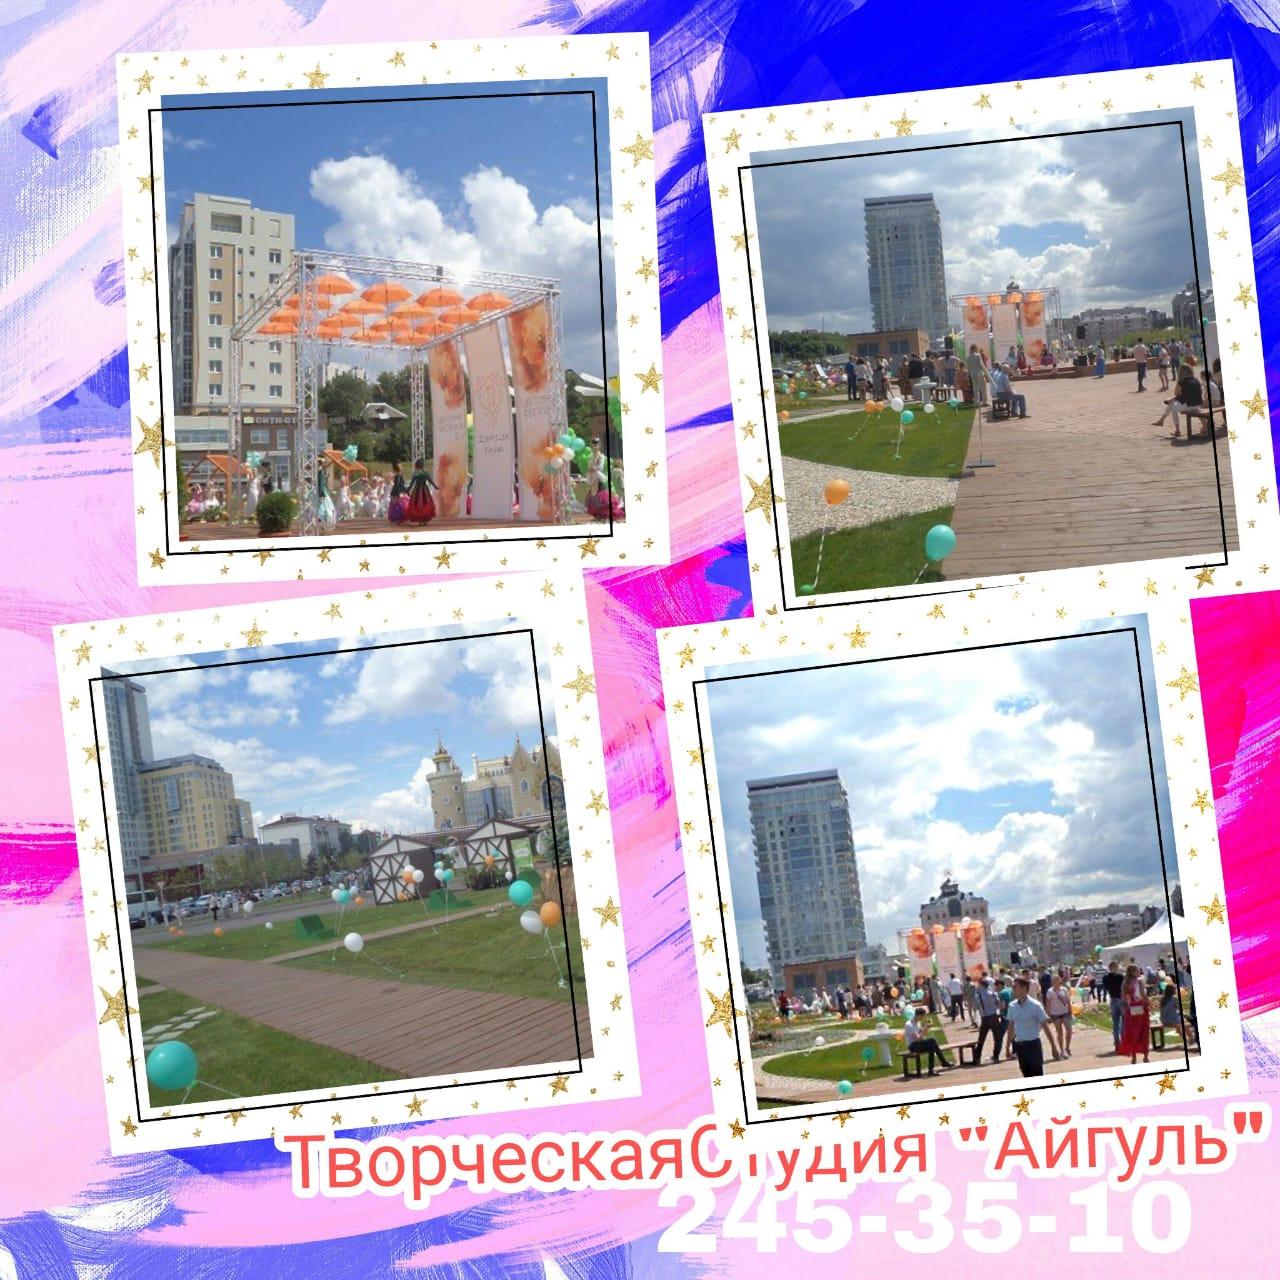 https://xn--116-5cdp9ap7d5d.xn--p1ai/images/upload/e01638c2-cd63-4c4d-8480-6d5d96bbe756.jpg